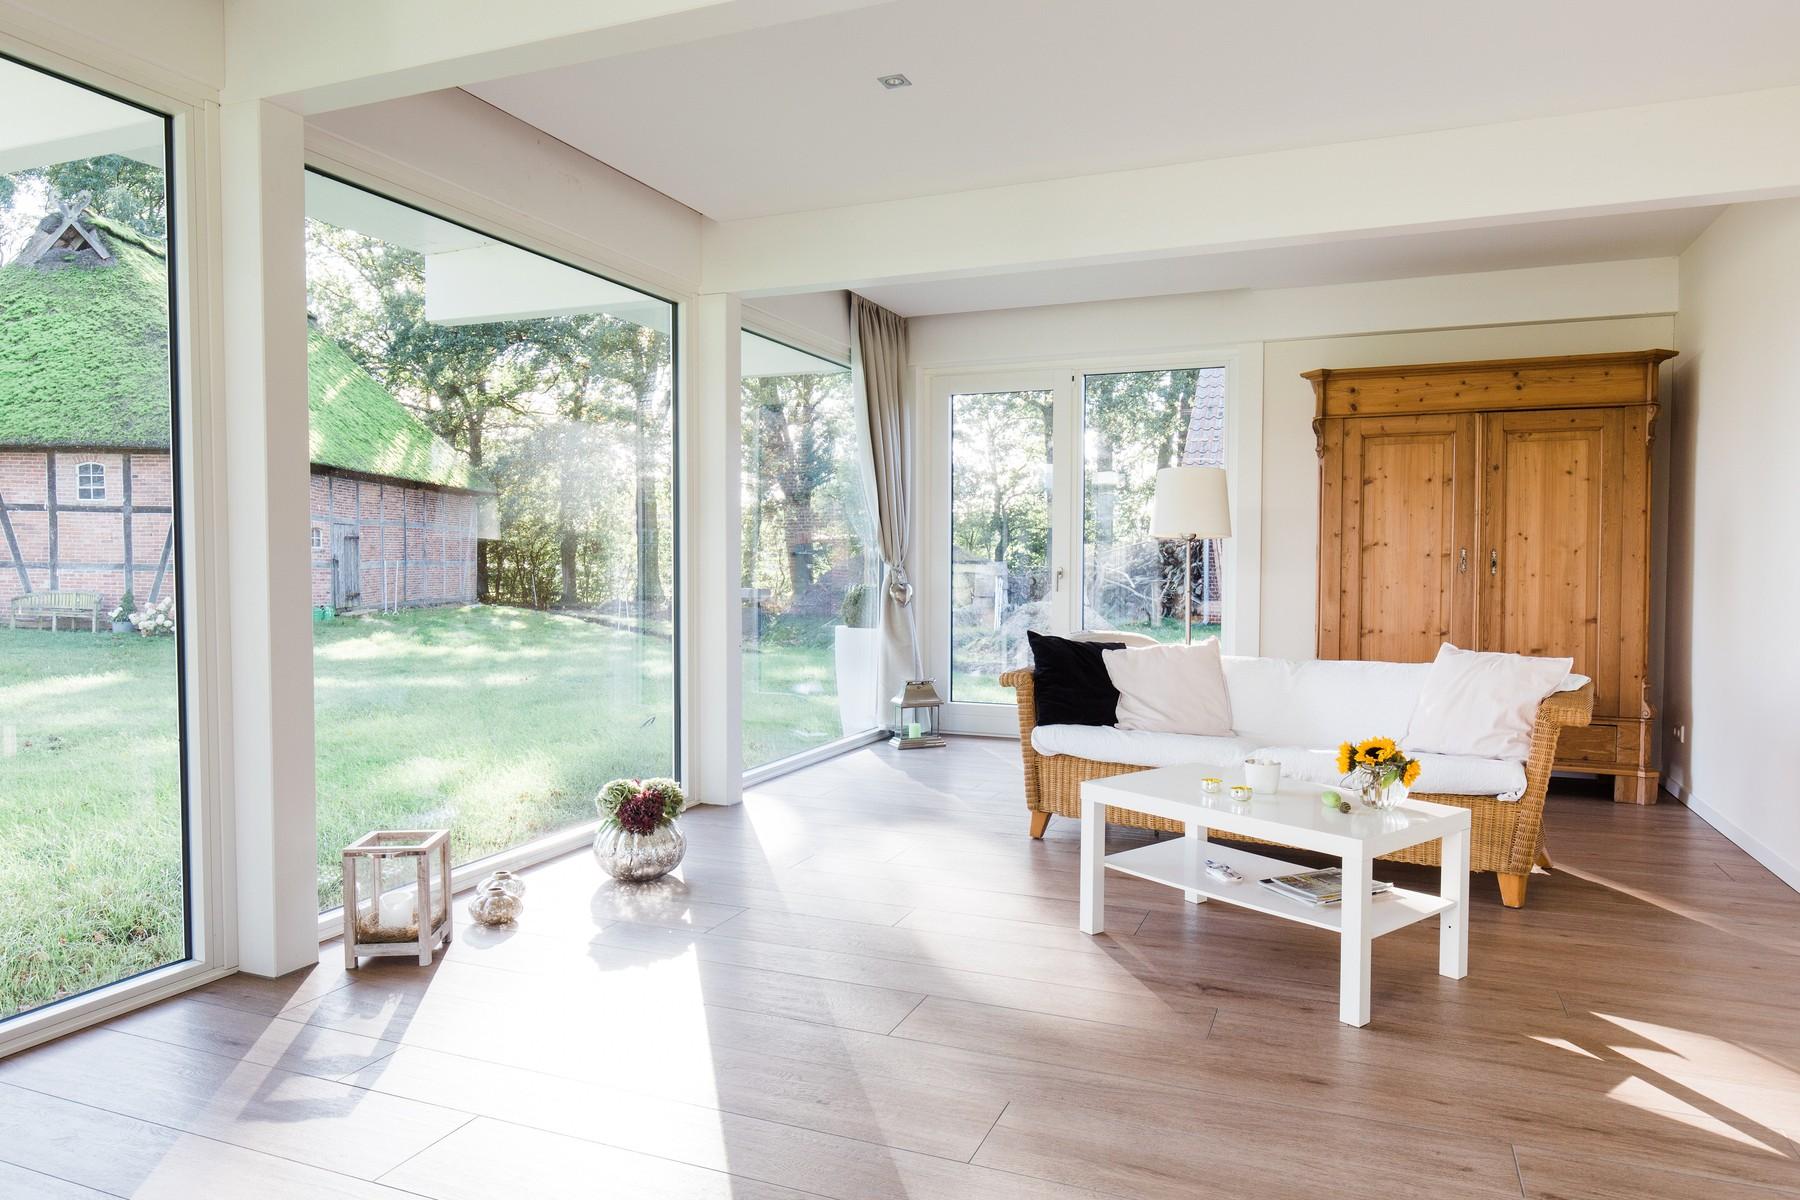 Modernes fachwerkhaus landhaus fachwerk holz glas weiss 21 for Holz fachwerkhaus